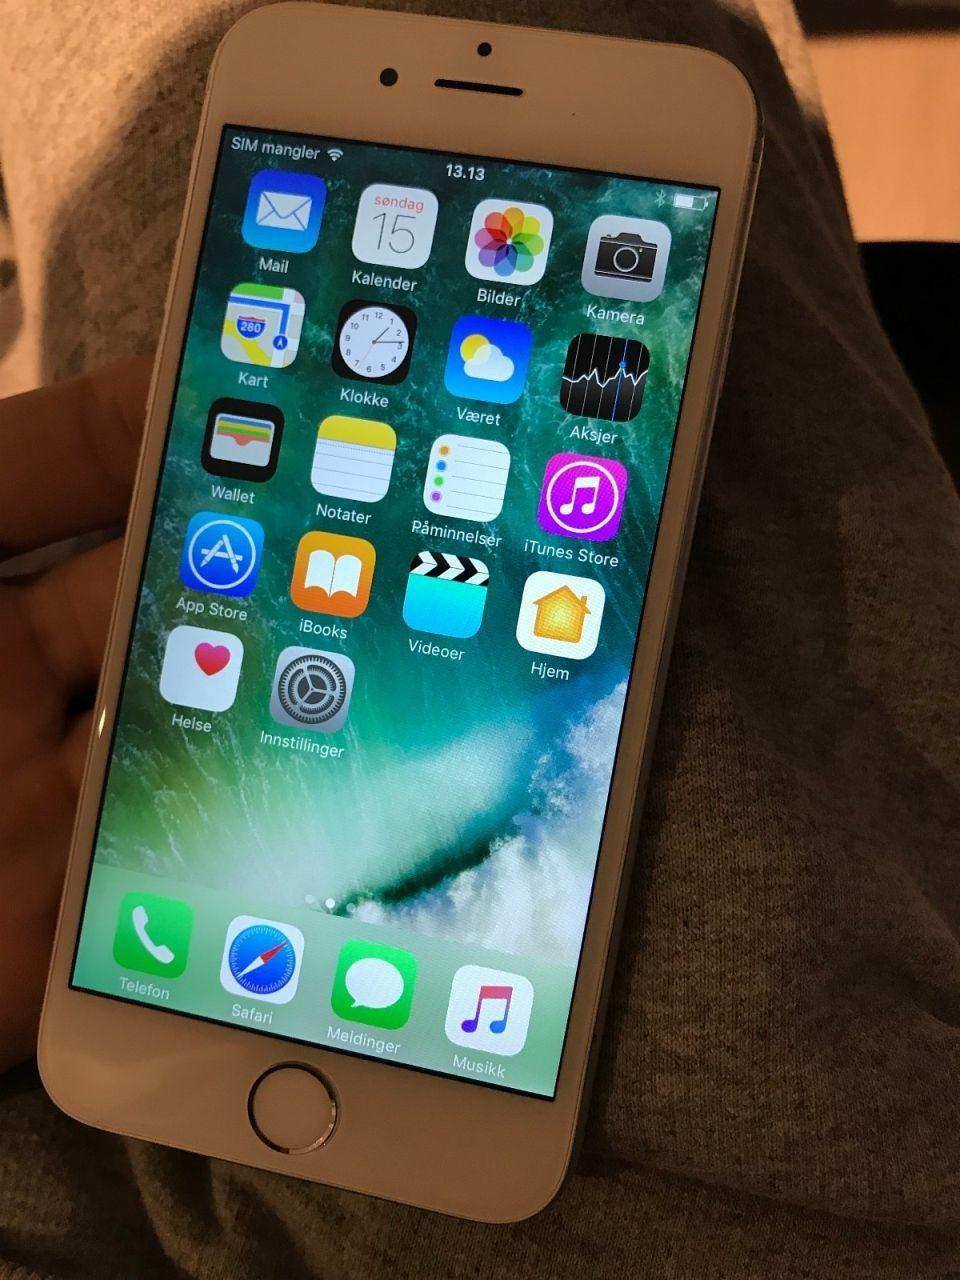 iPhone 6 16gb hvit/sølv - Oslo  - Iphone 6 16 GB ulåst selges. Selger min eldre iphone da den ikke er i bruk lenger. Funker som den skal! - Oslo